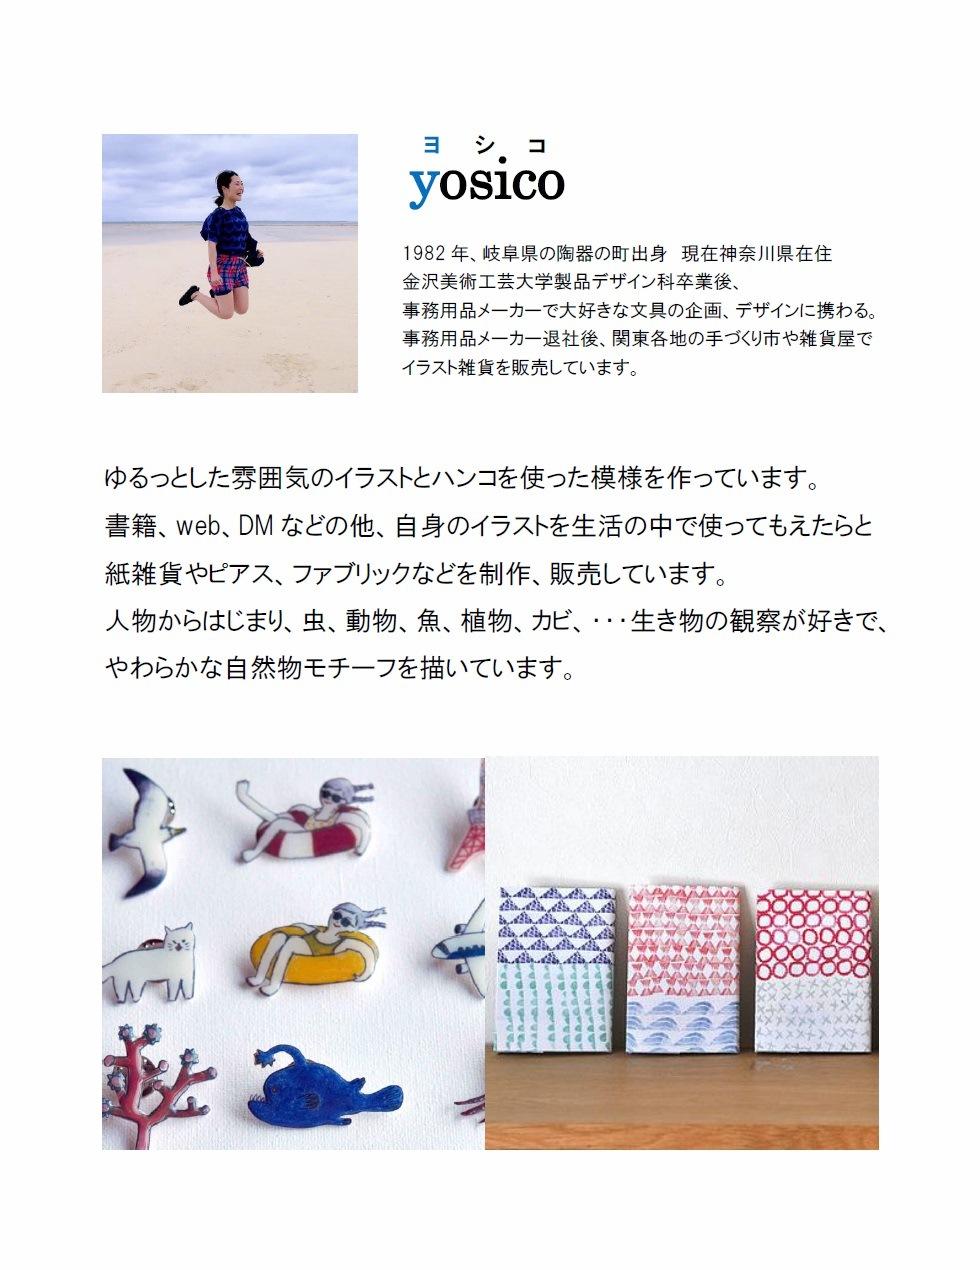 (カット版)yosicoプロフィール_1